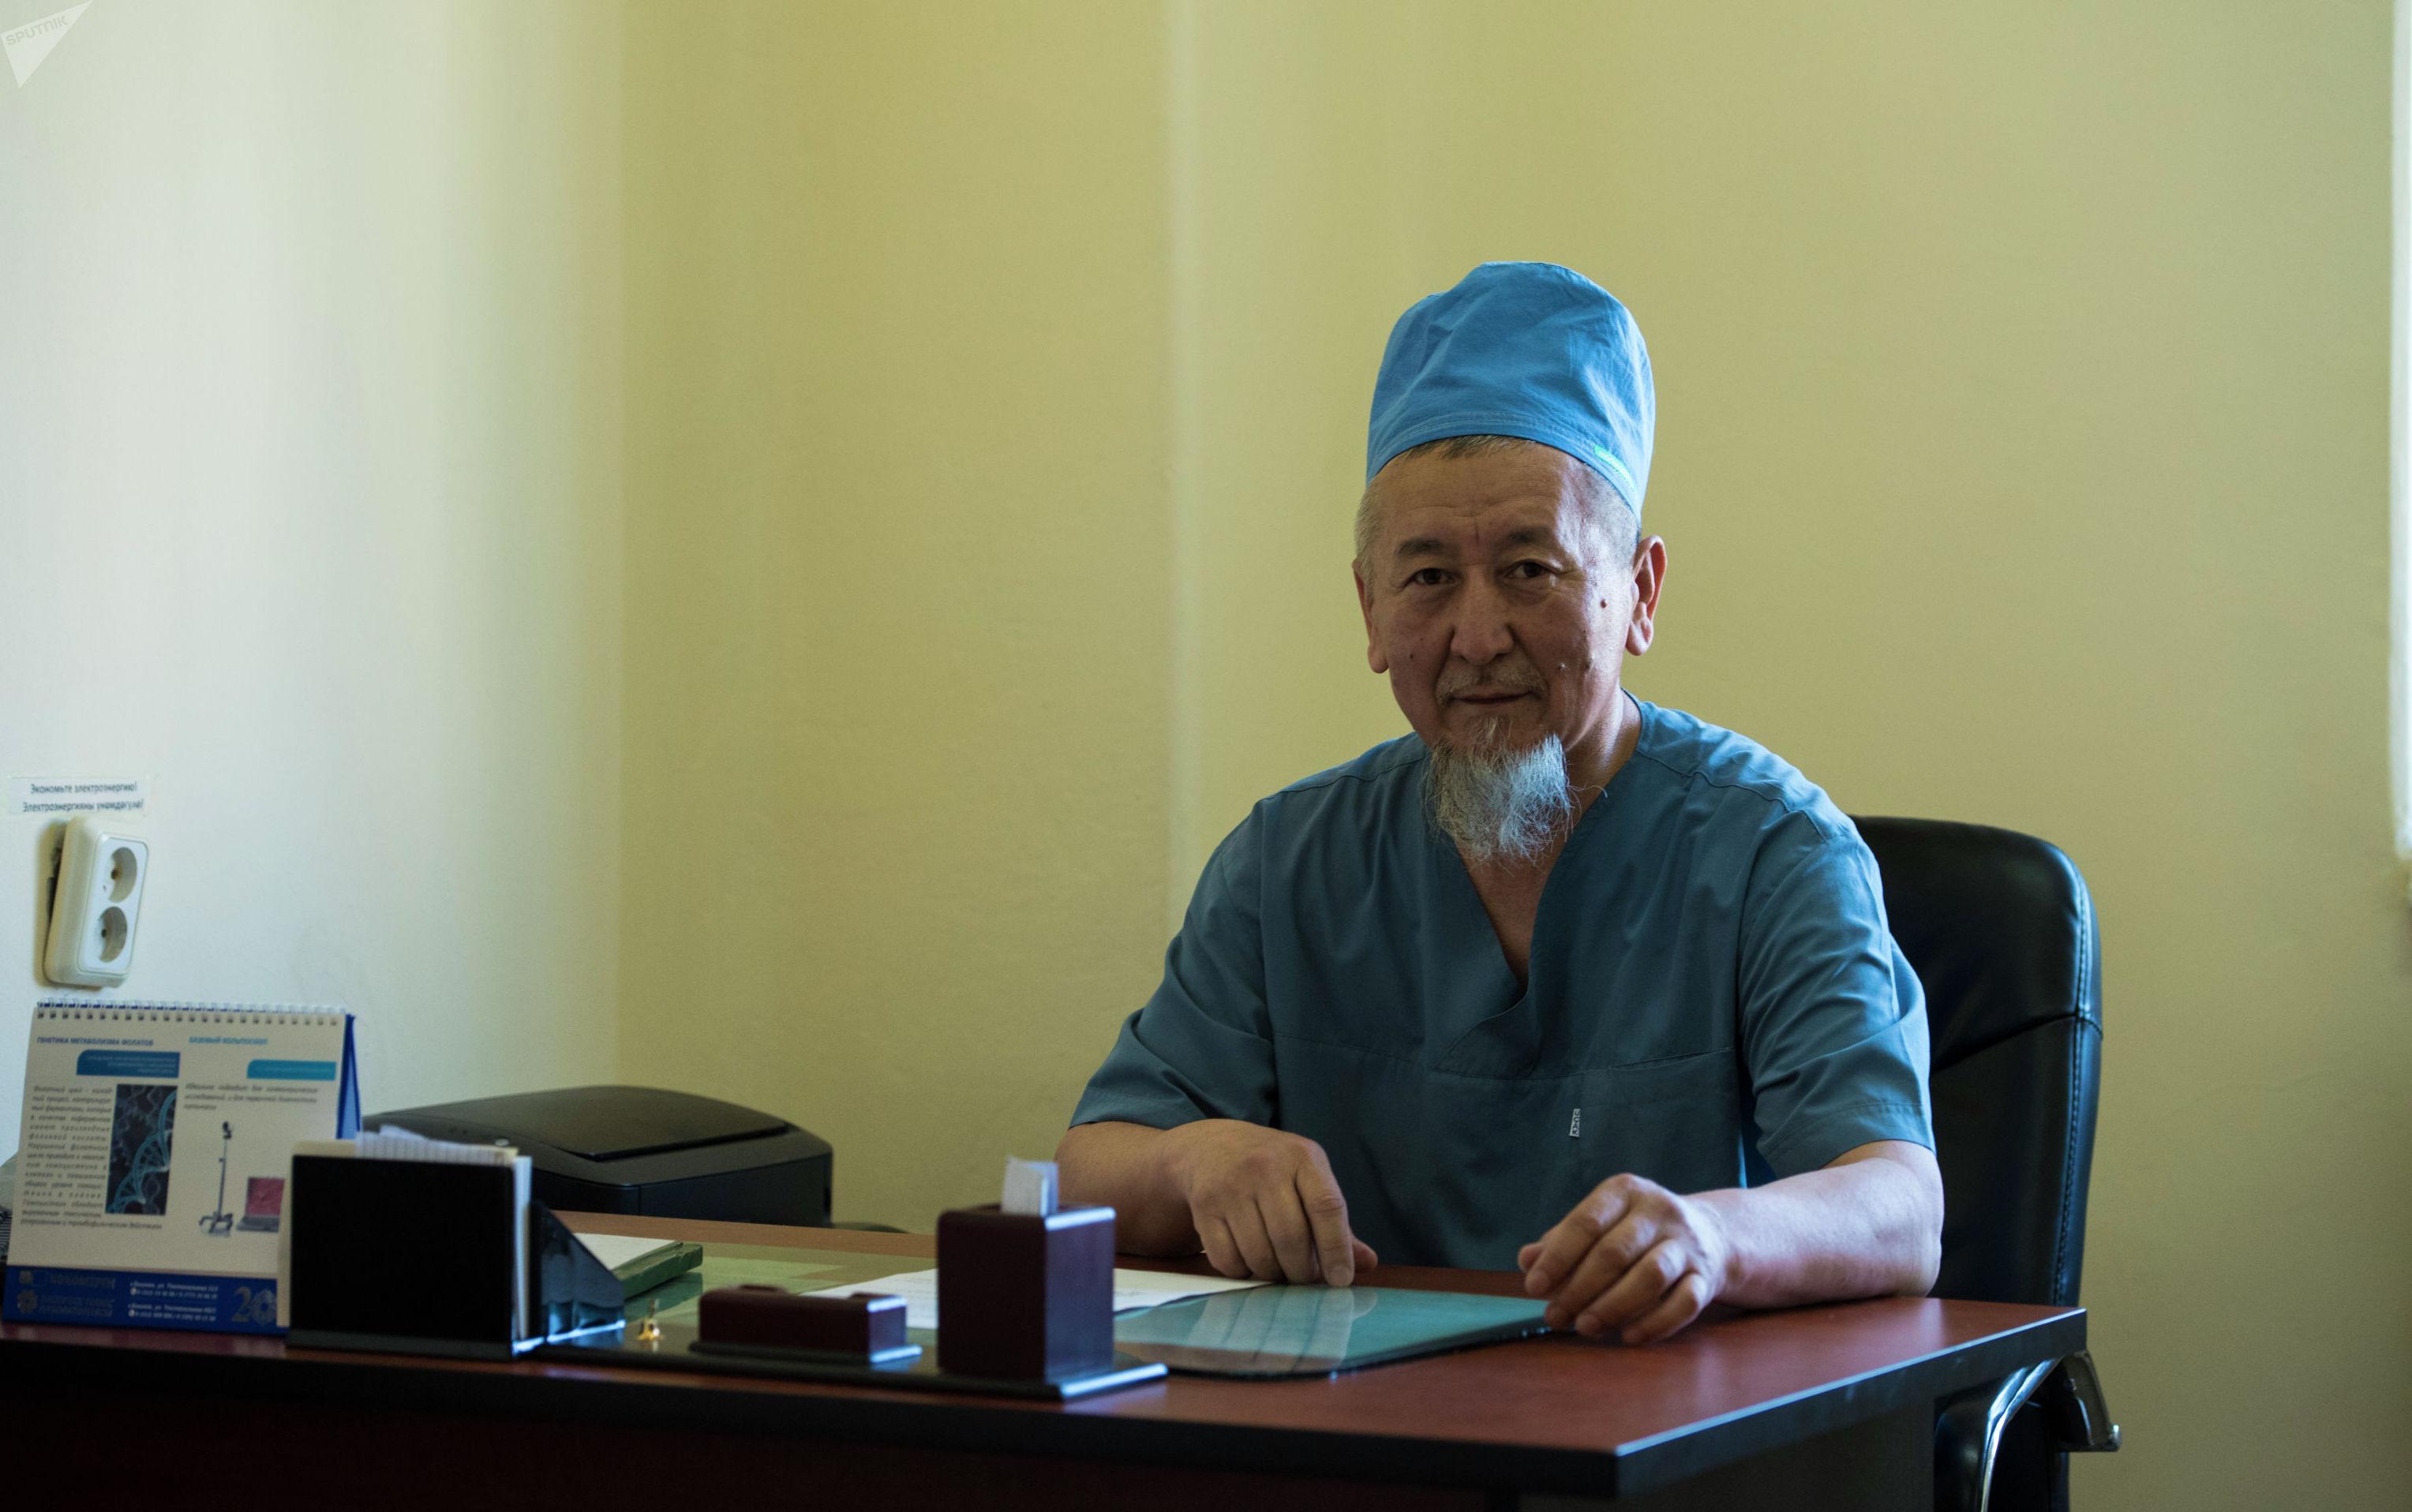 Детский уролог, хирург Бакыт Жданов в рабочем кабинете